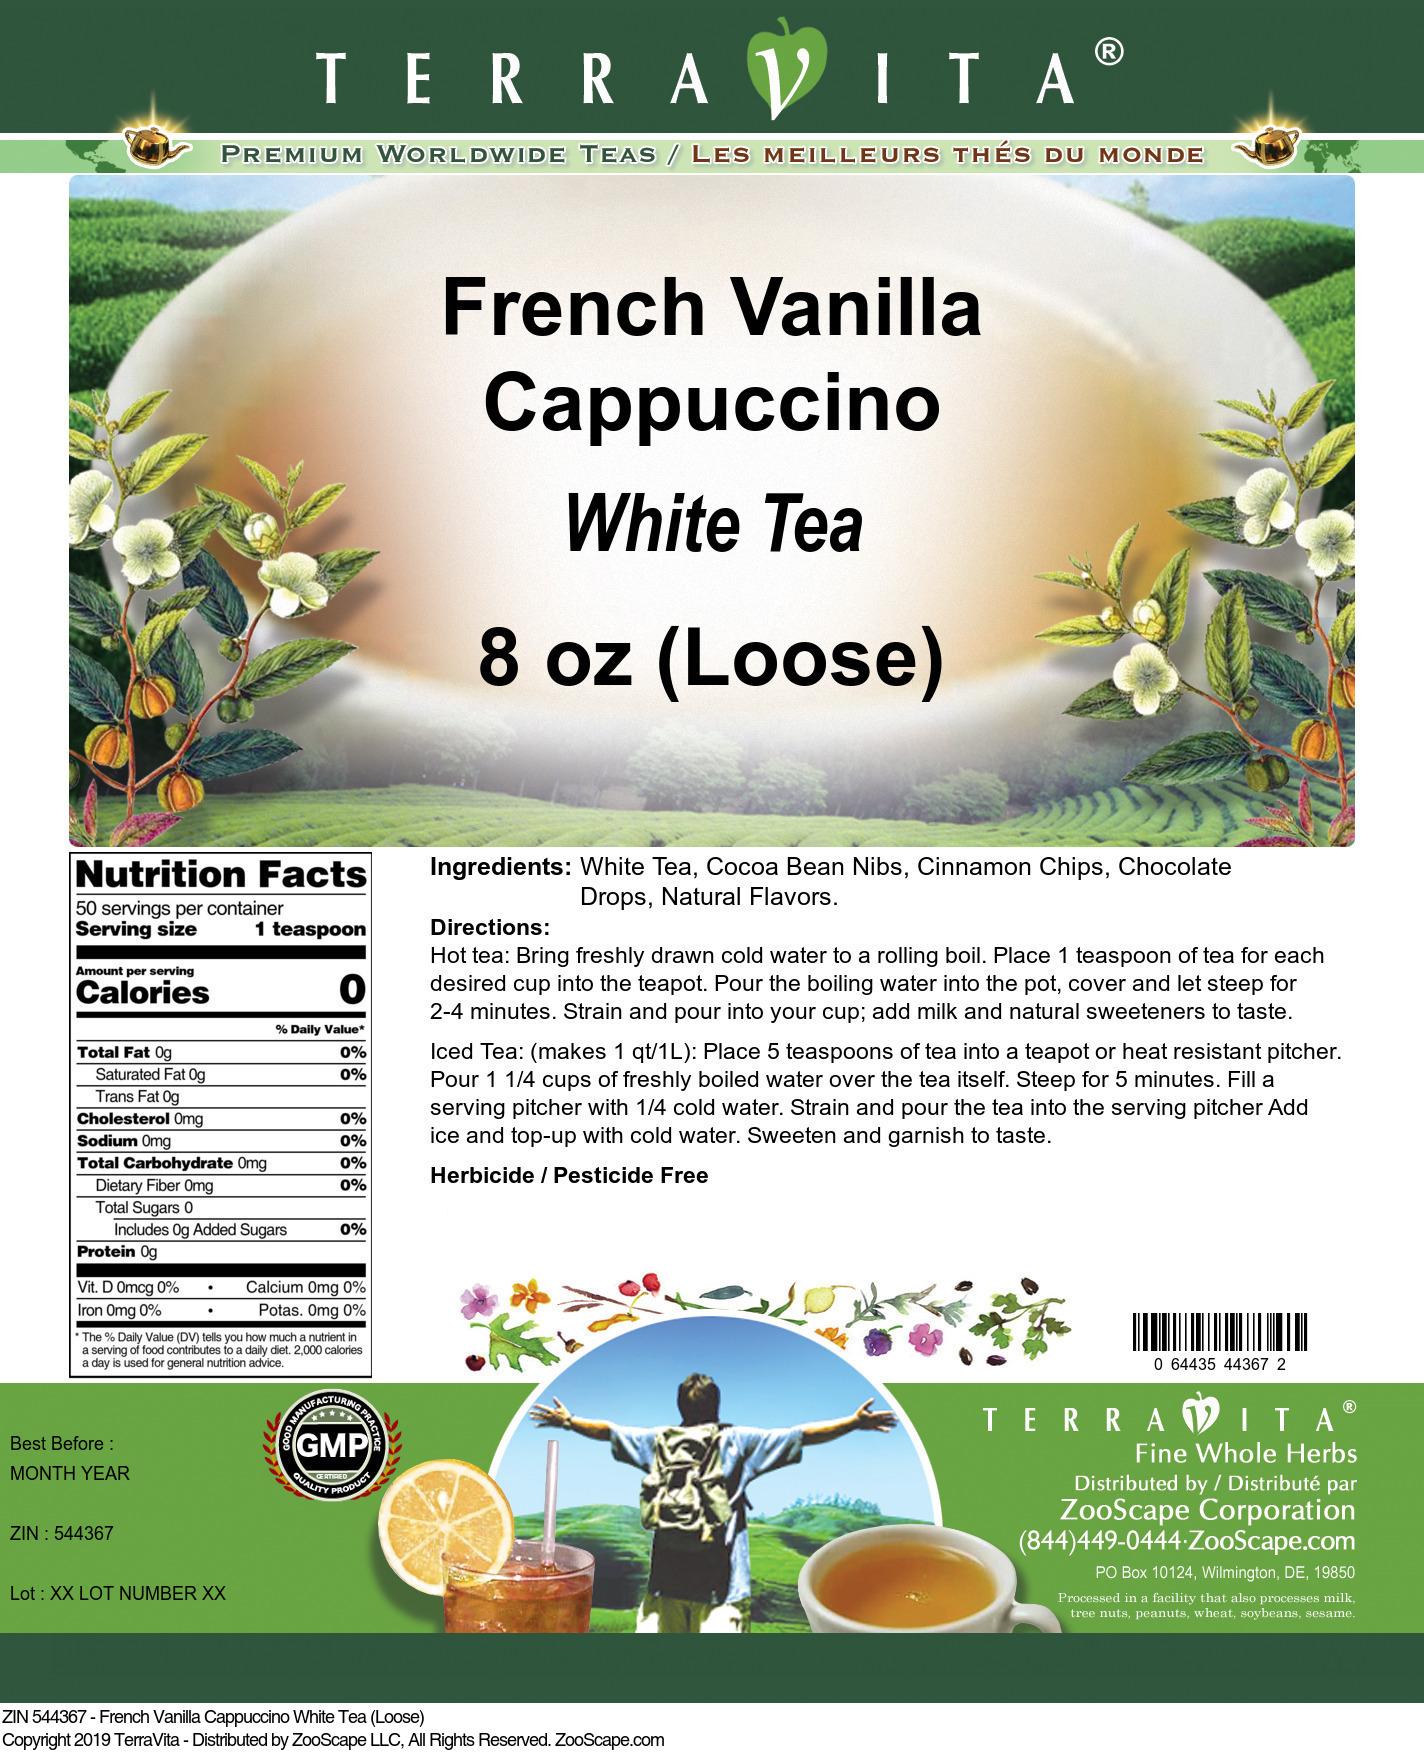 French Vanilla Cappuccino White Tea